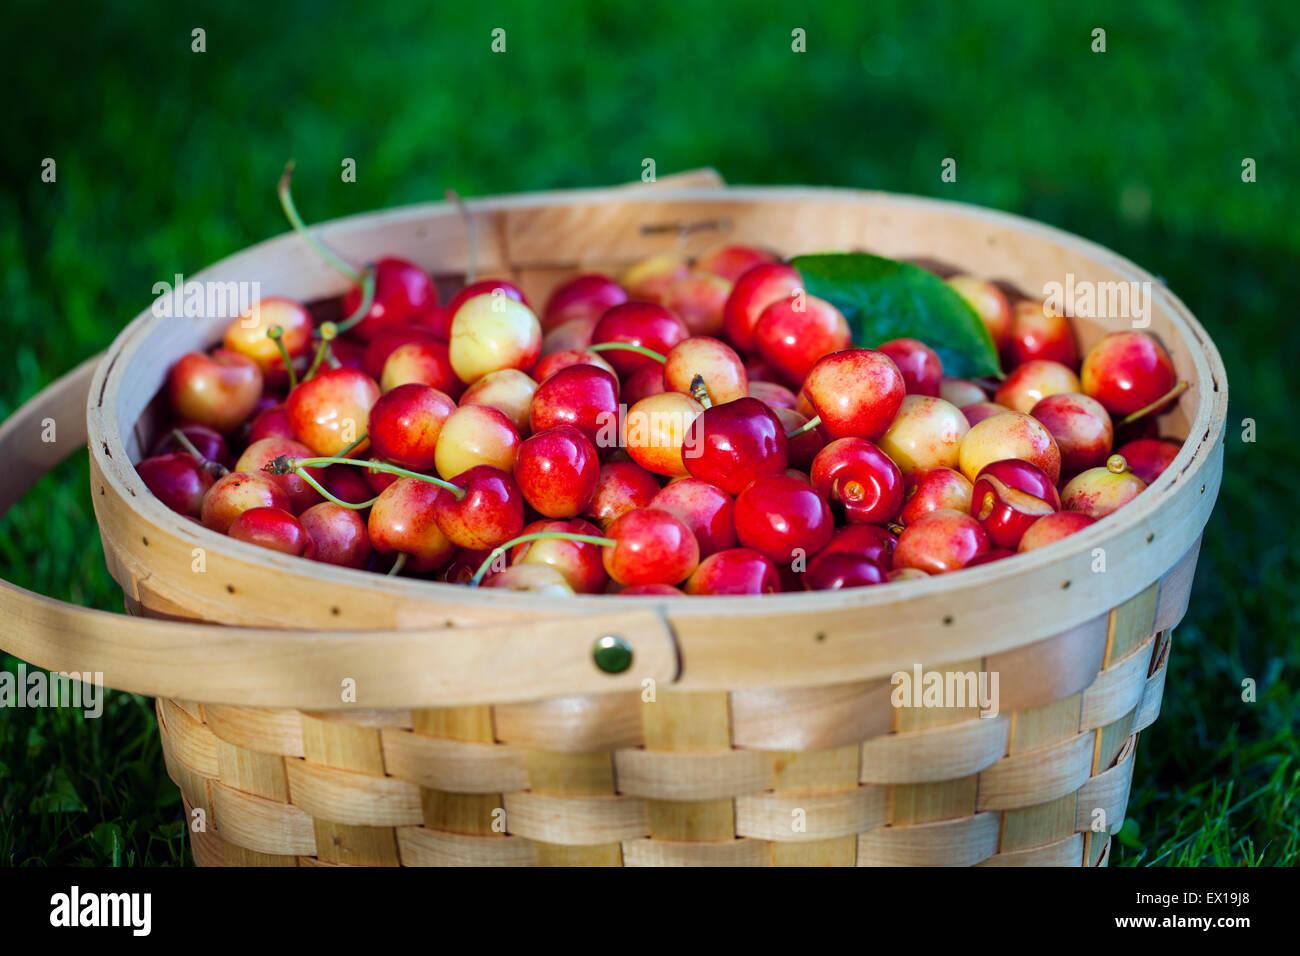 Canasta llena de cerezas dulces Imagen De Stock